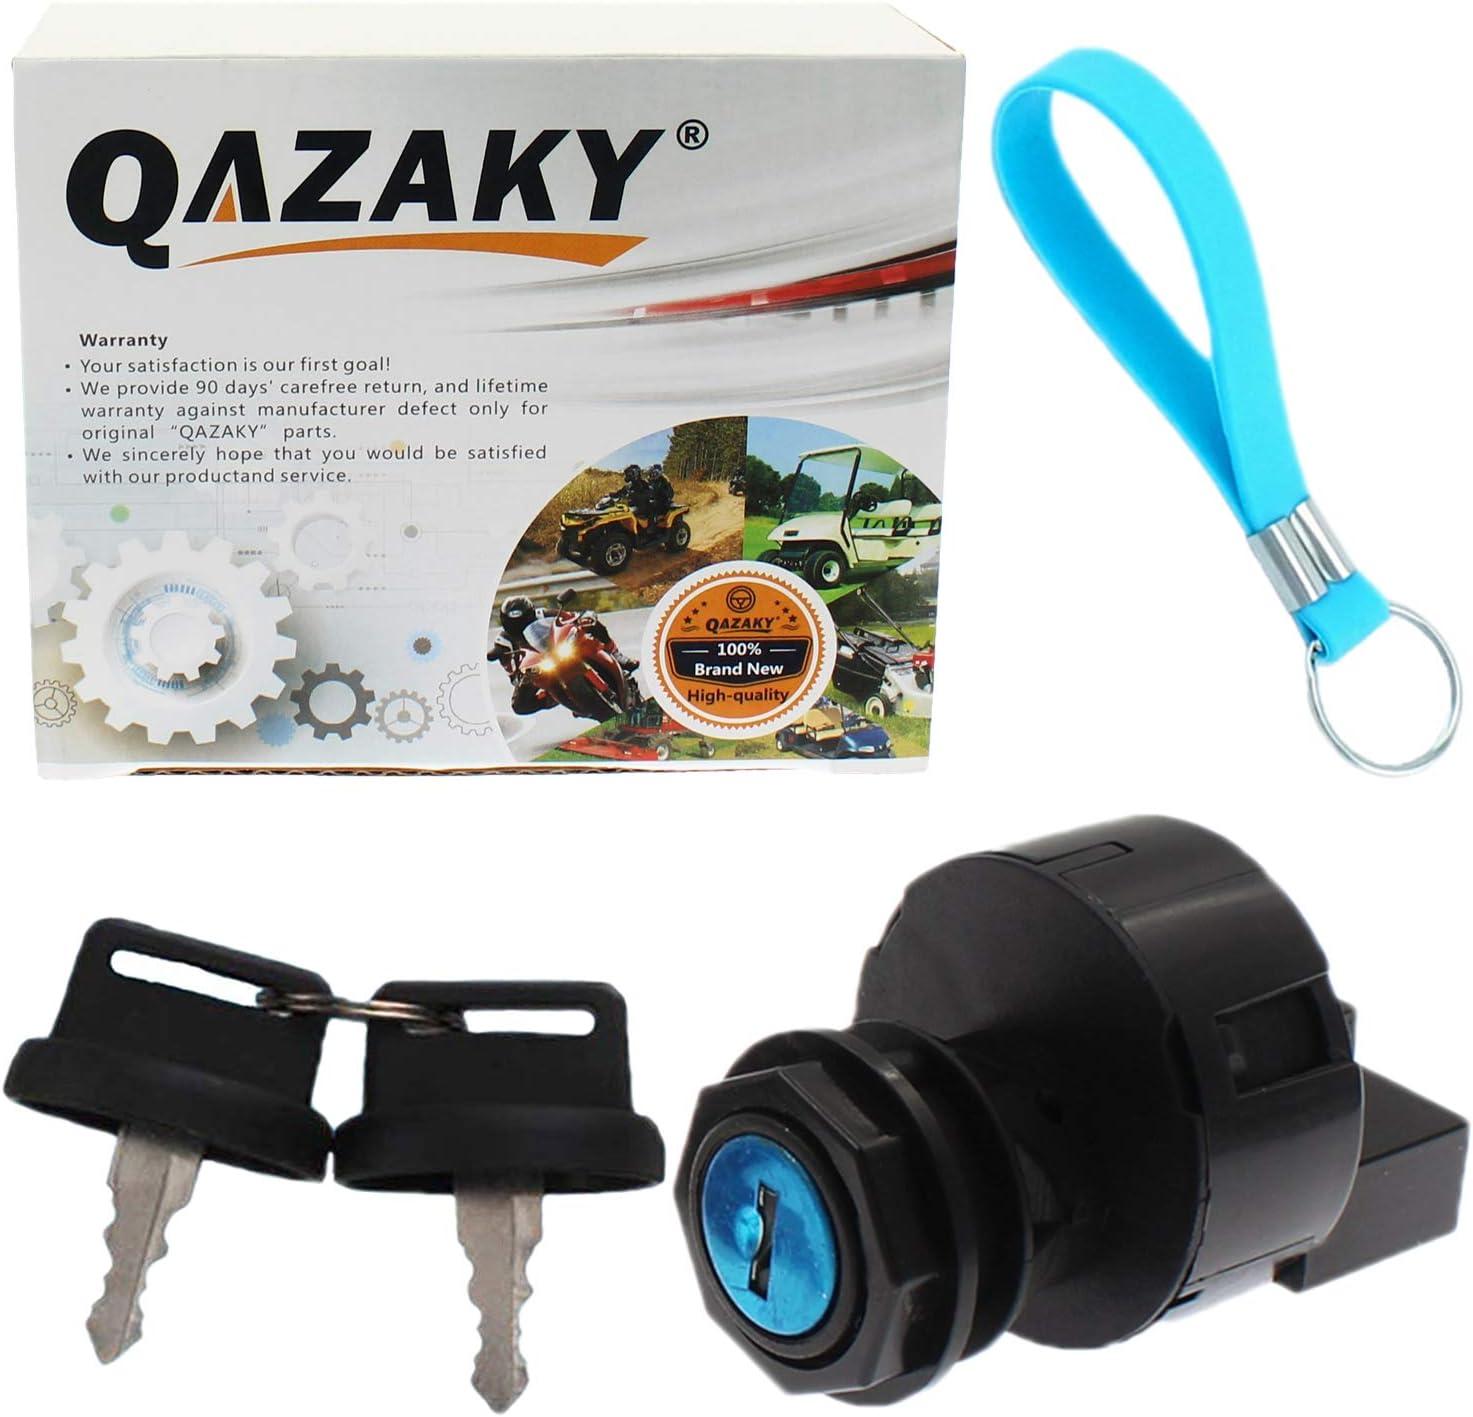 Zsoog lgnition Key Switch fits POLARIS ATV 4110194 SPORTSMAN 50 250 300 335 400 500 1996-2000